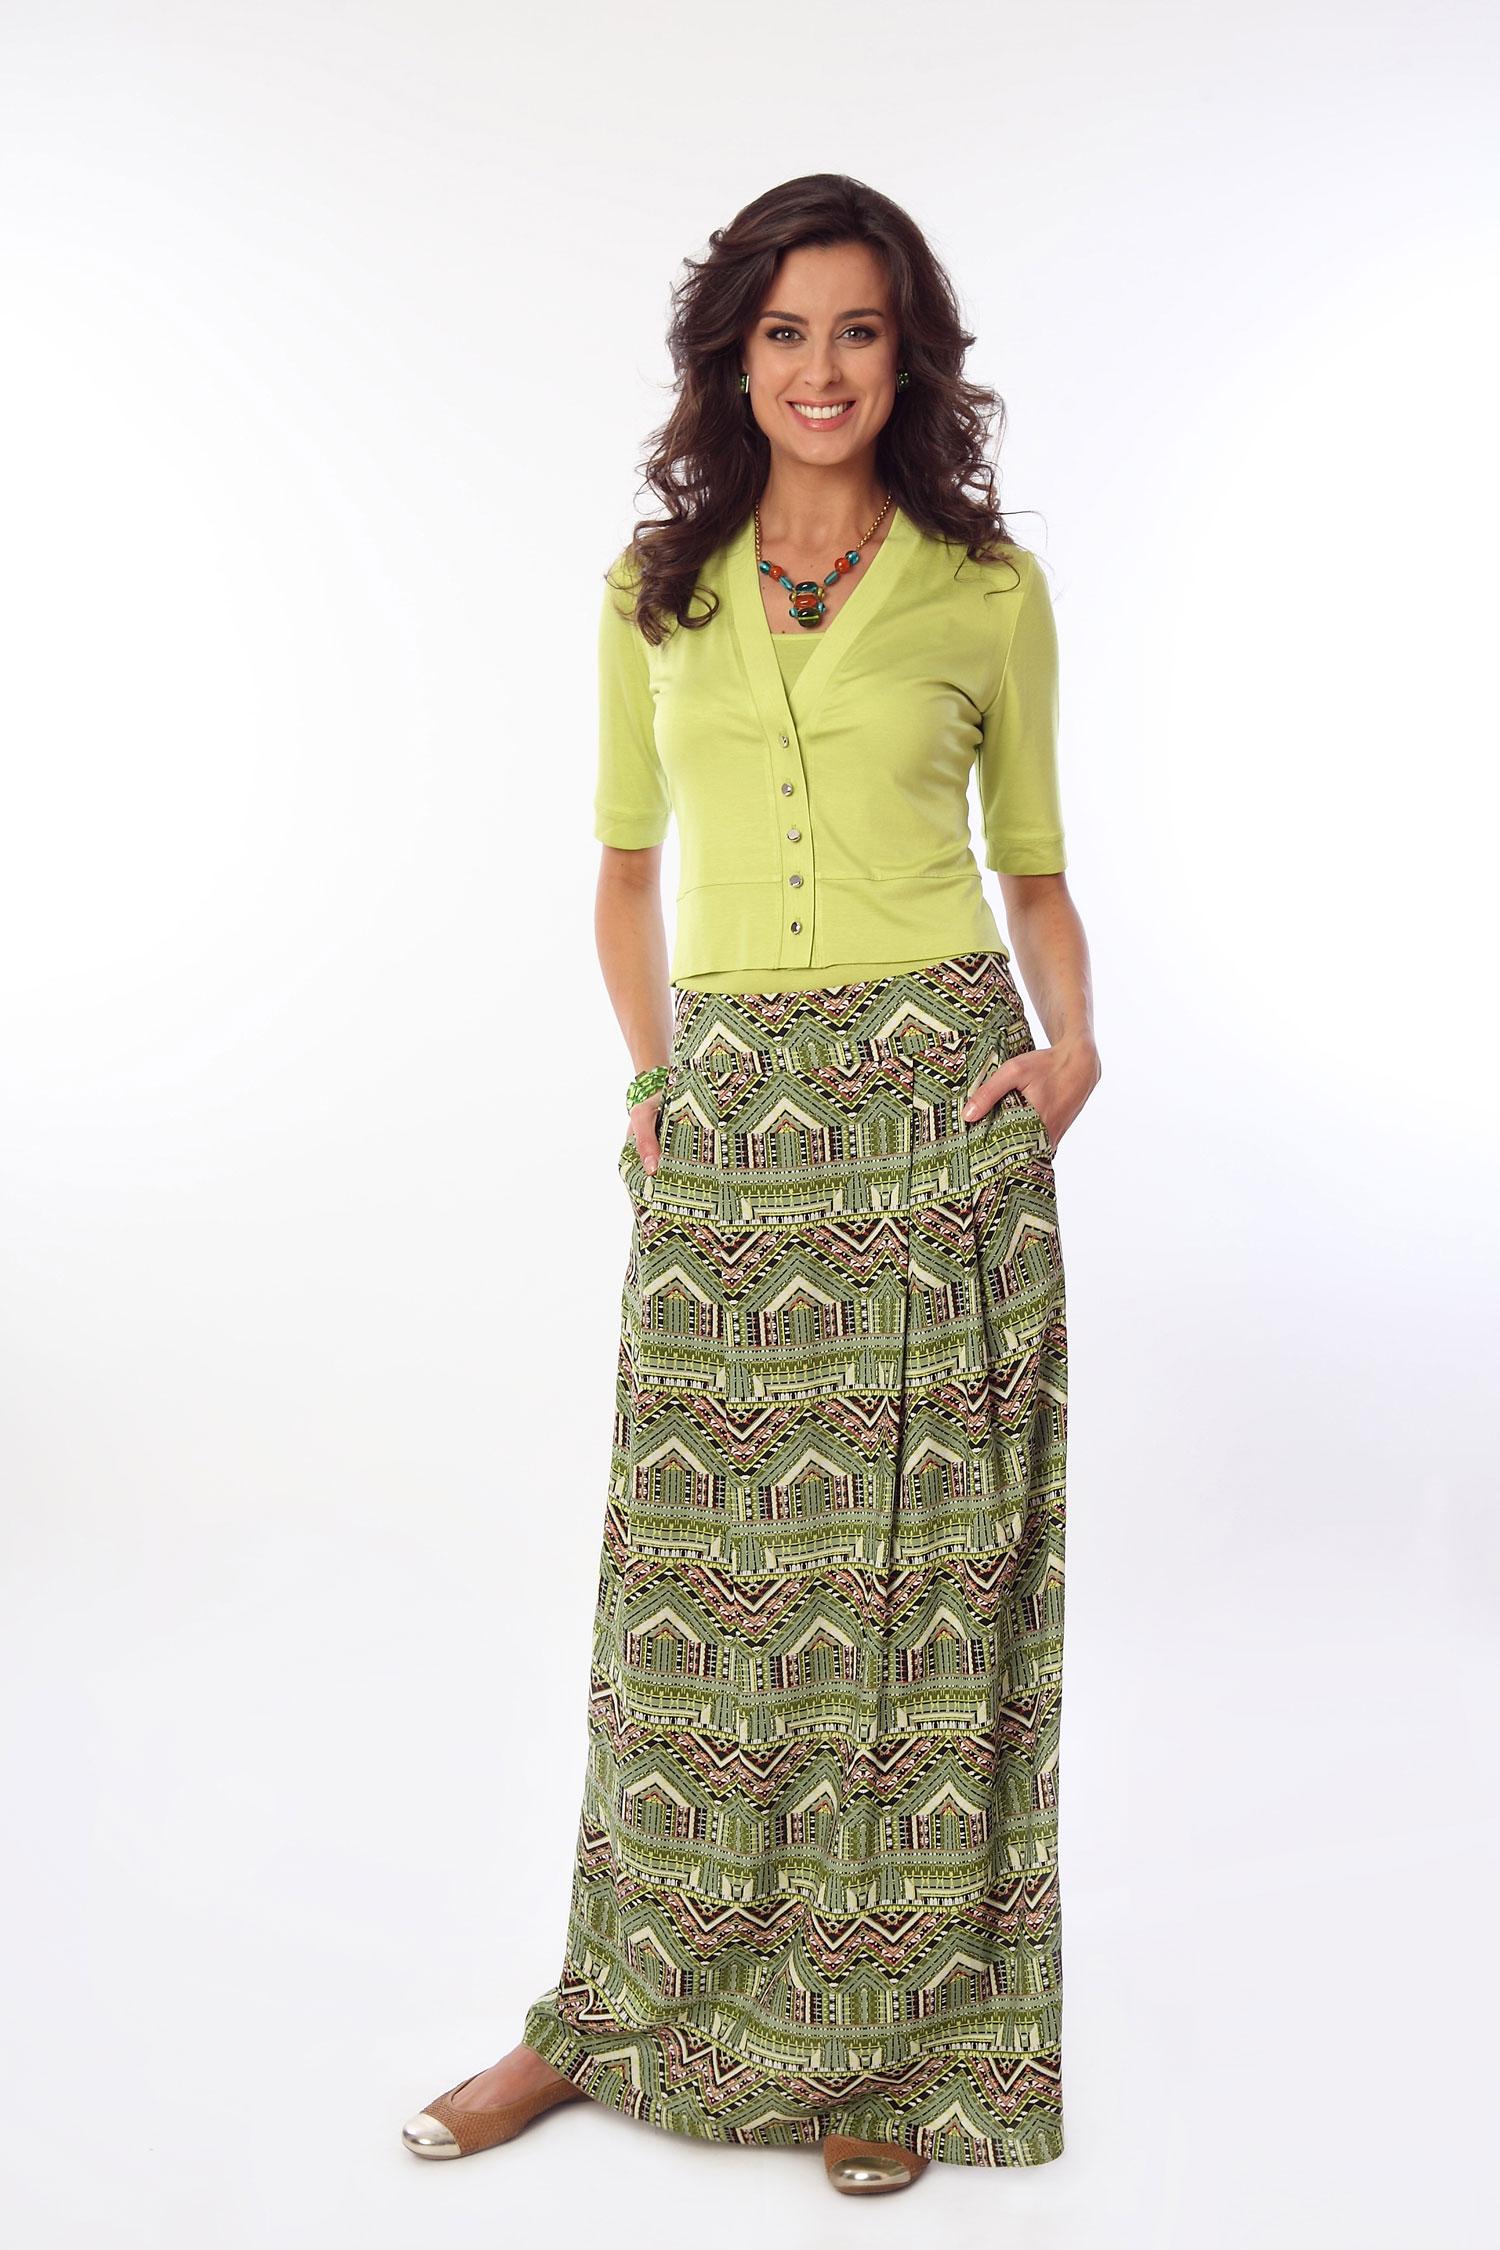 Сбор заказов.В#миn@-c)т) популярная женская одежда демократичного ценового сегмента от знаменитого дома моды.Распродажа